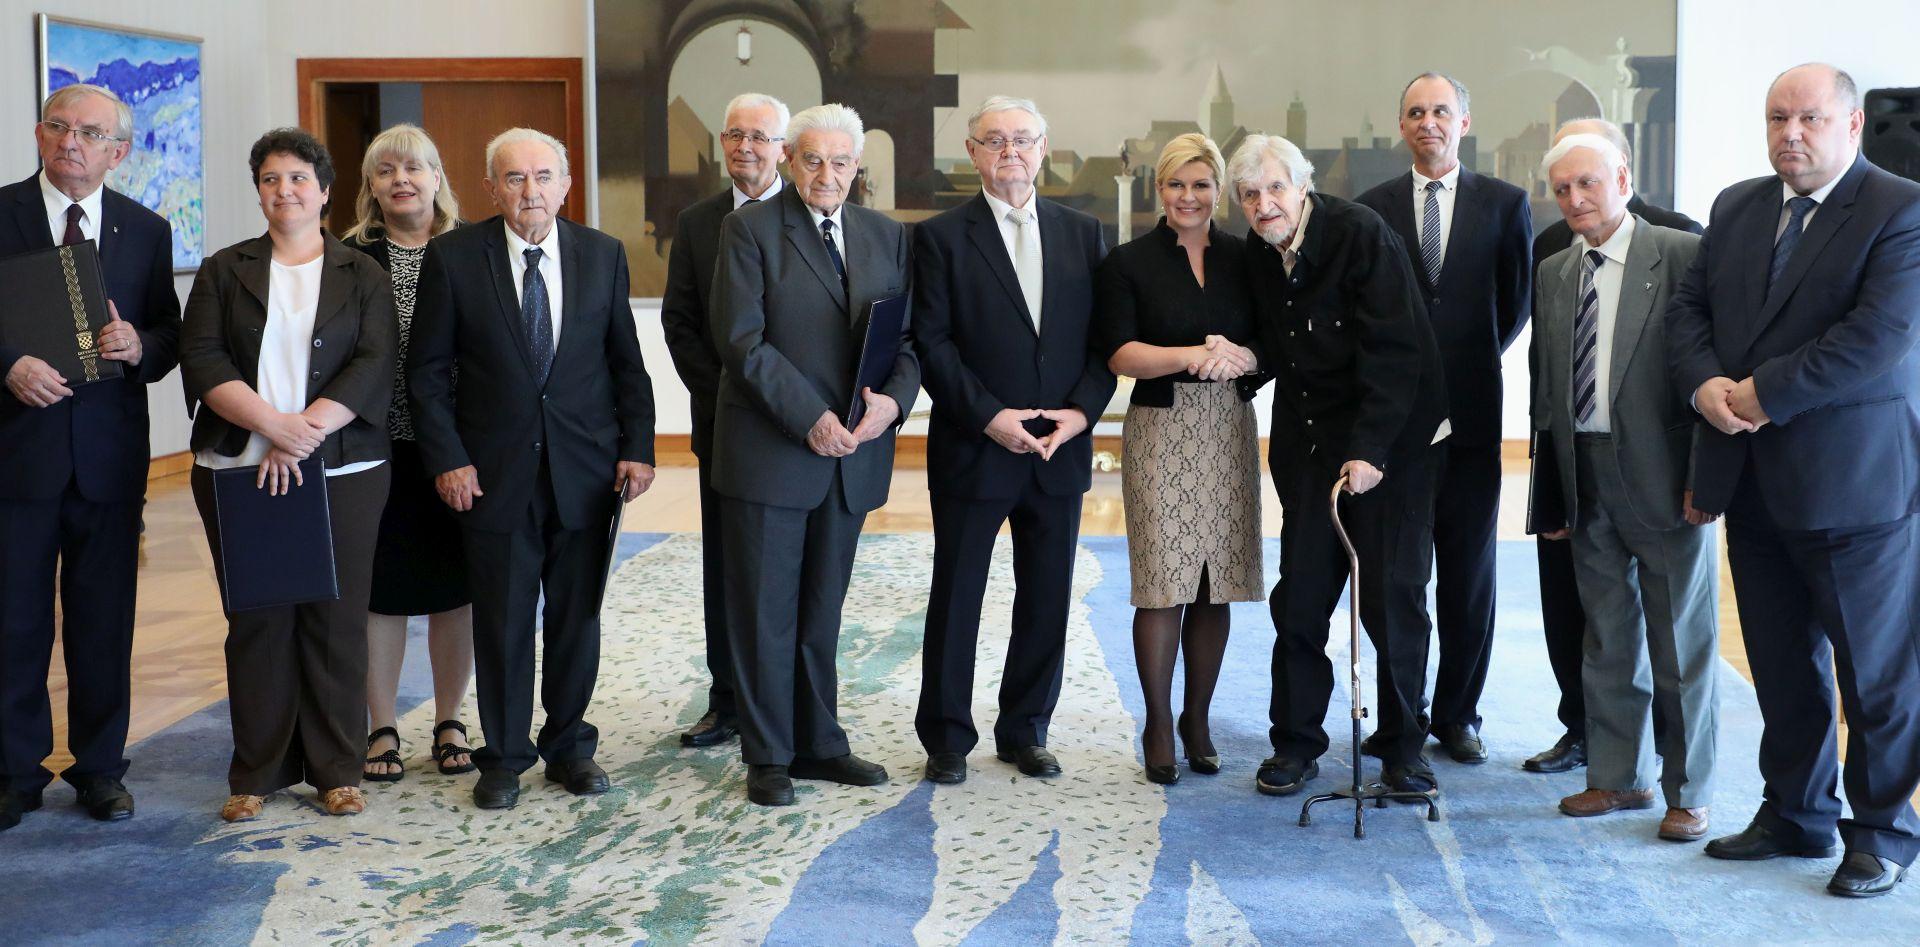 Predsjednica uručila povelju zahvalnosti Matici hrvatskoj u prigodi 175. obljetnice utemeljenja i 50. obljetnice Deklaracije o hrvatskom jeziku